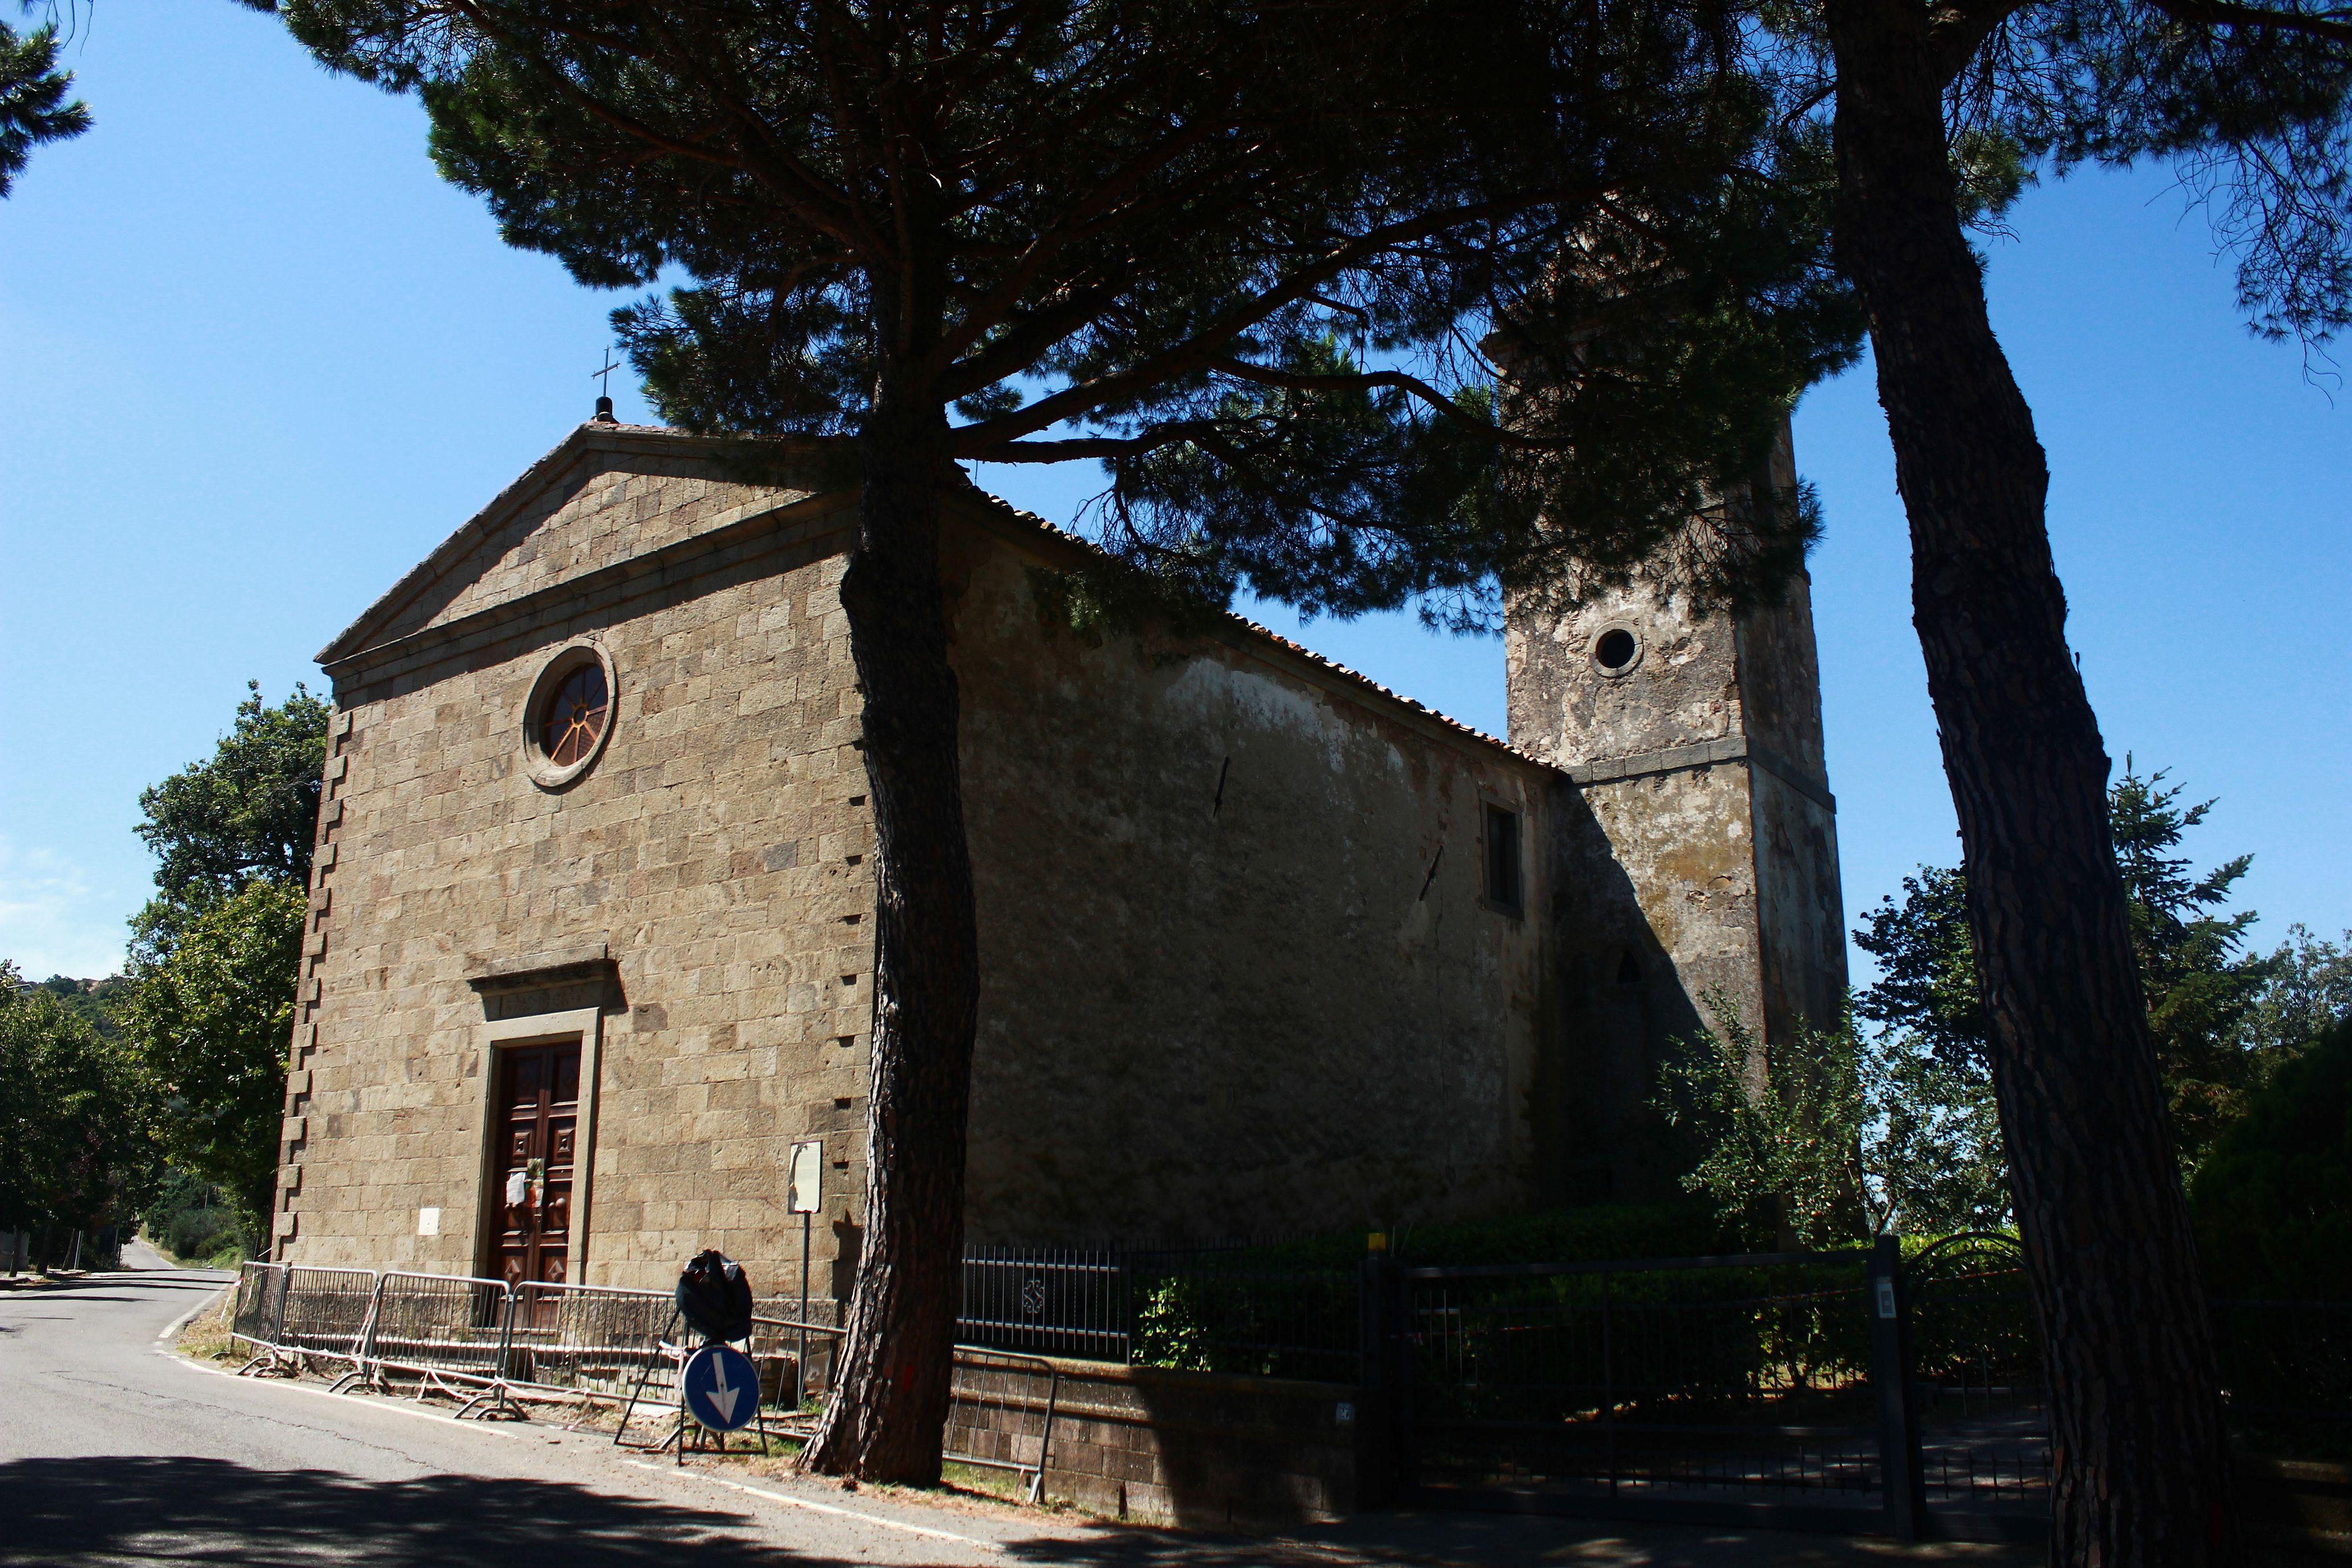 Chiesa della Madonna degli Schiavi a Montegiovi, Castel del Piano